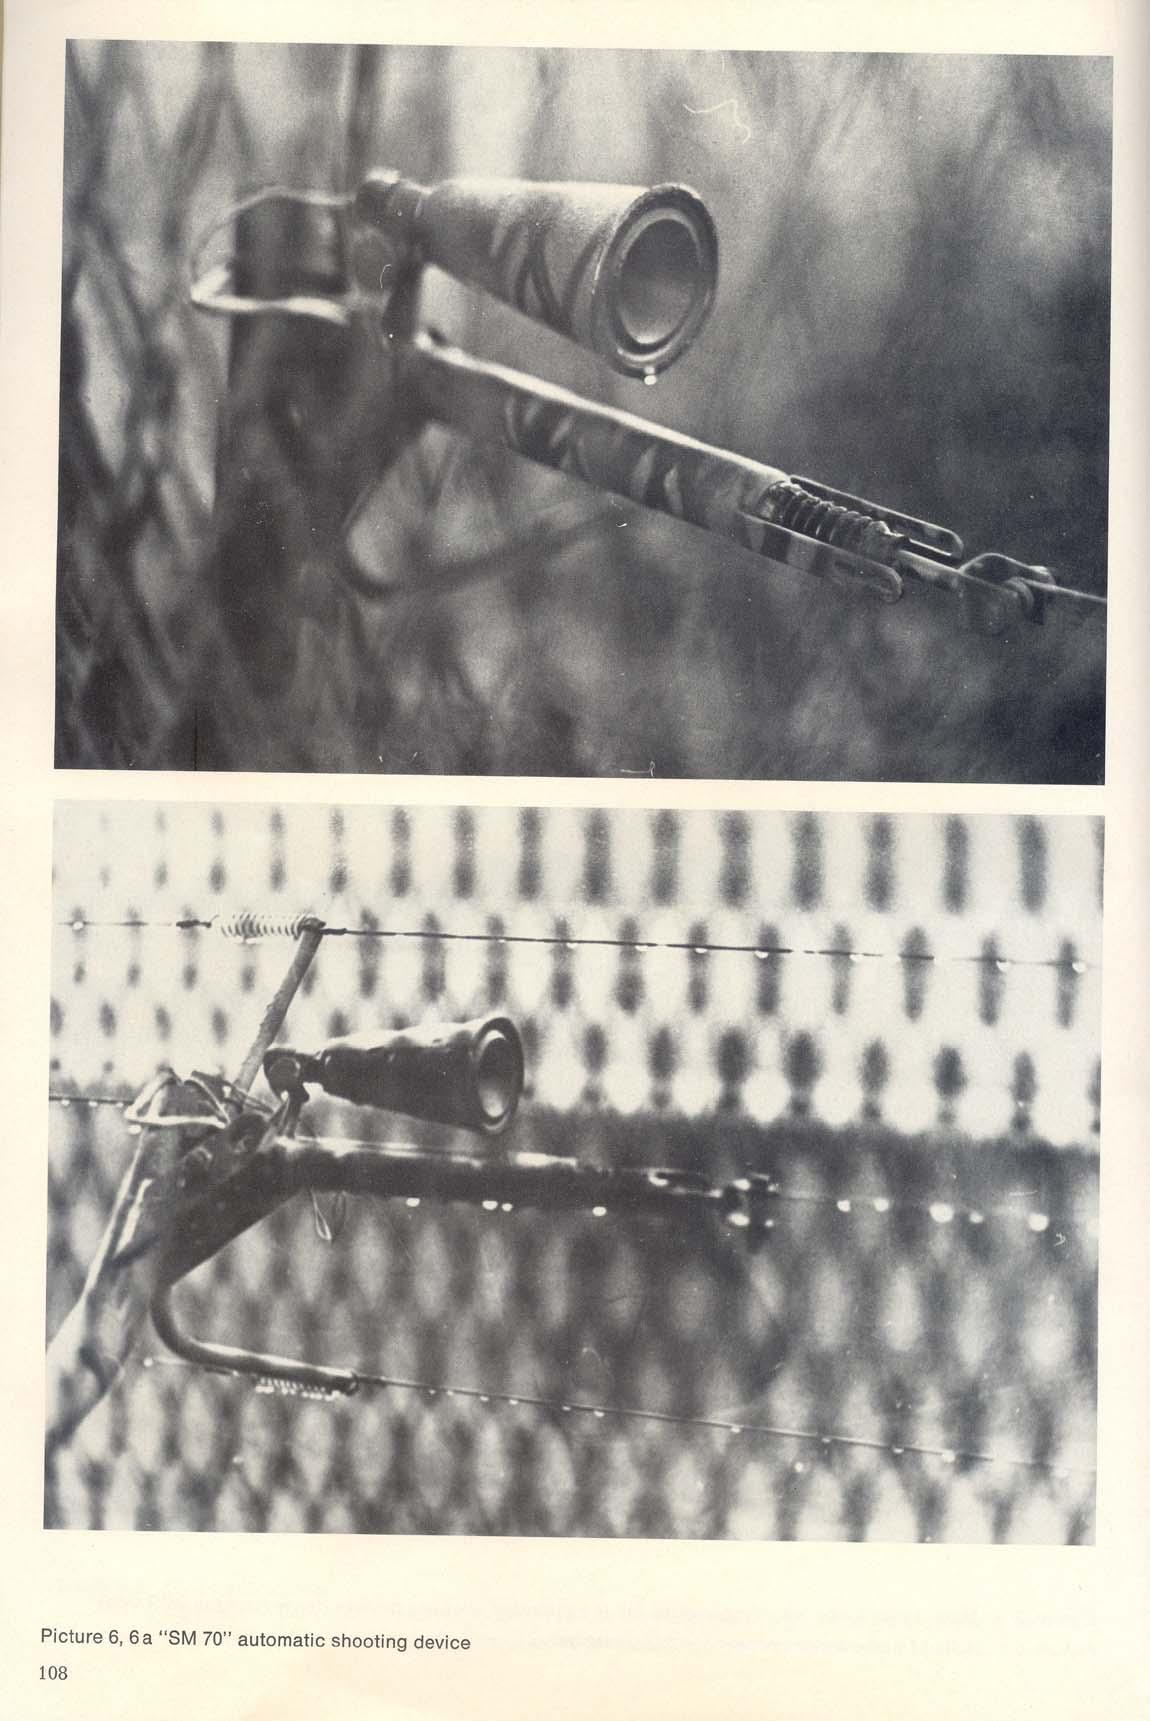 SM 70s